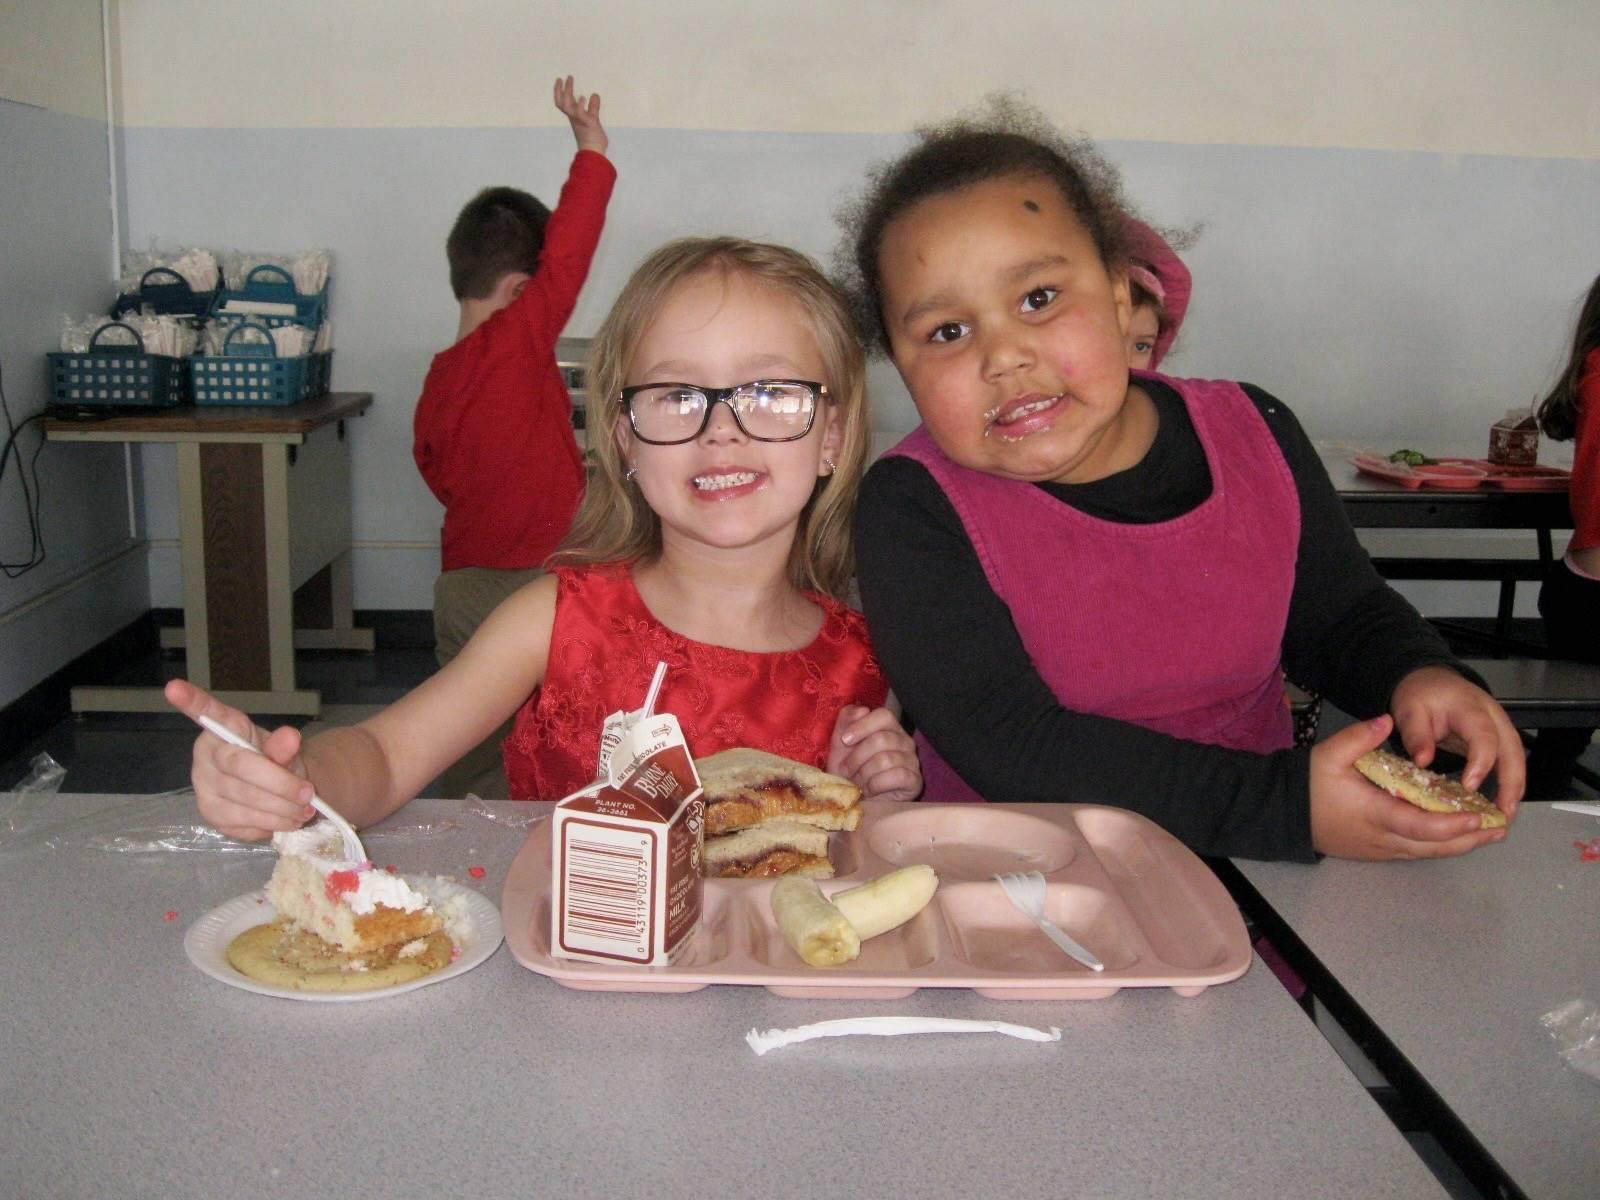 2 students enjoy party food.